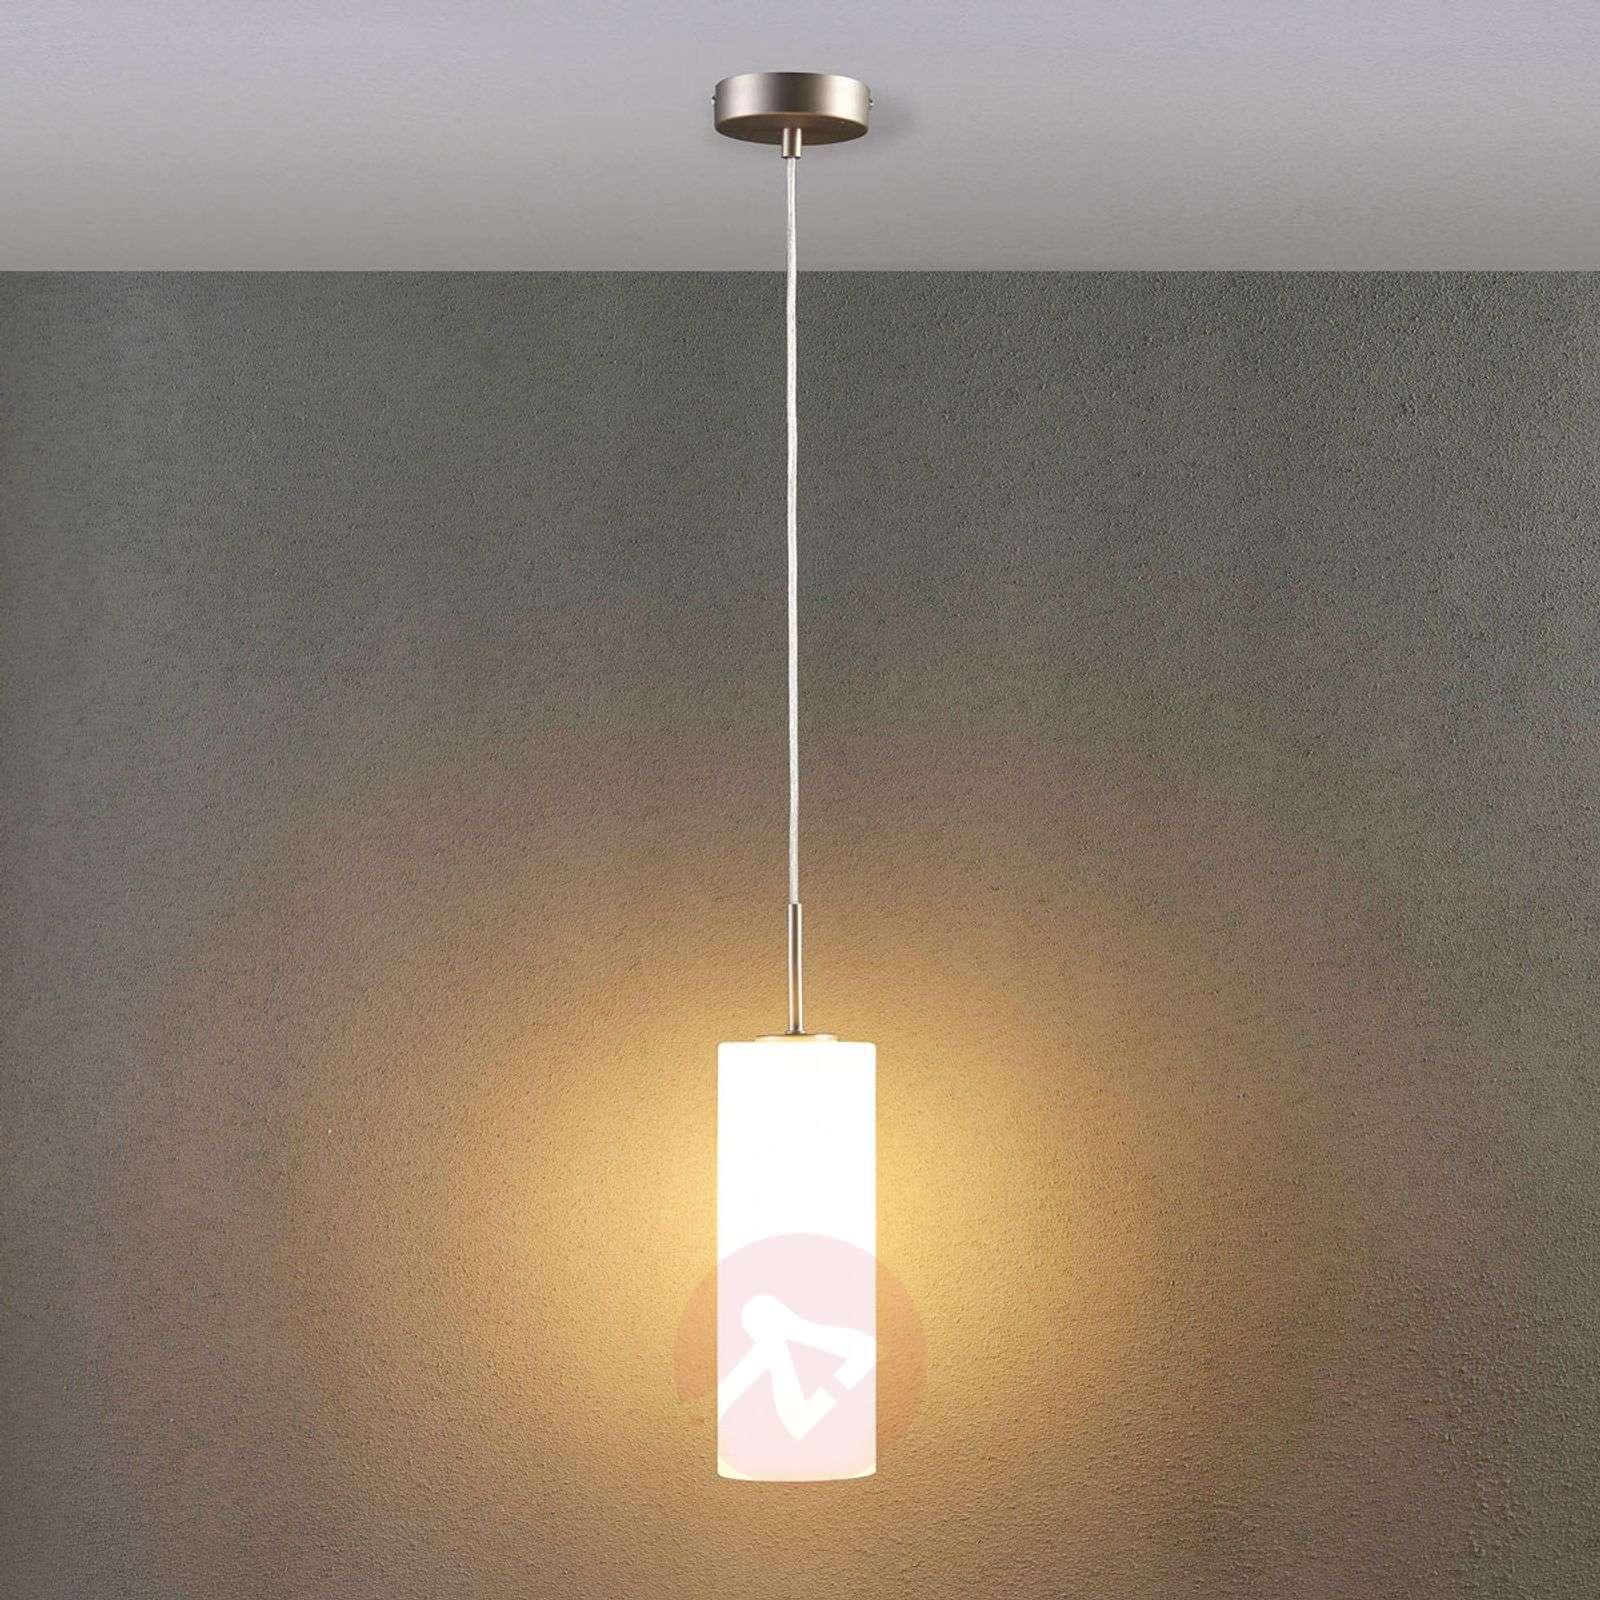 Simple pendant light Vinsta in a slim design-9621002-06